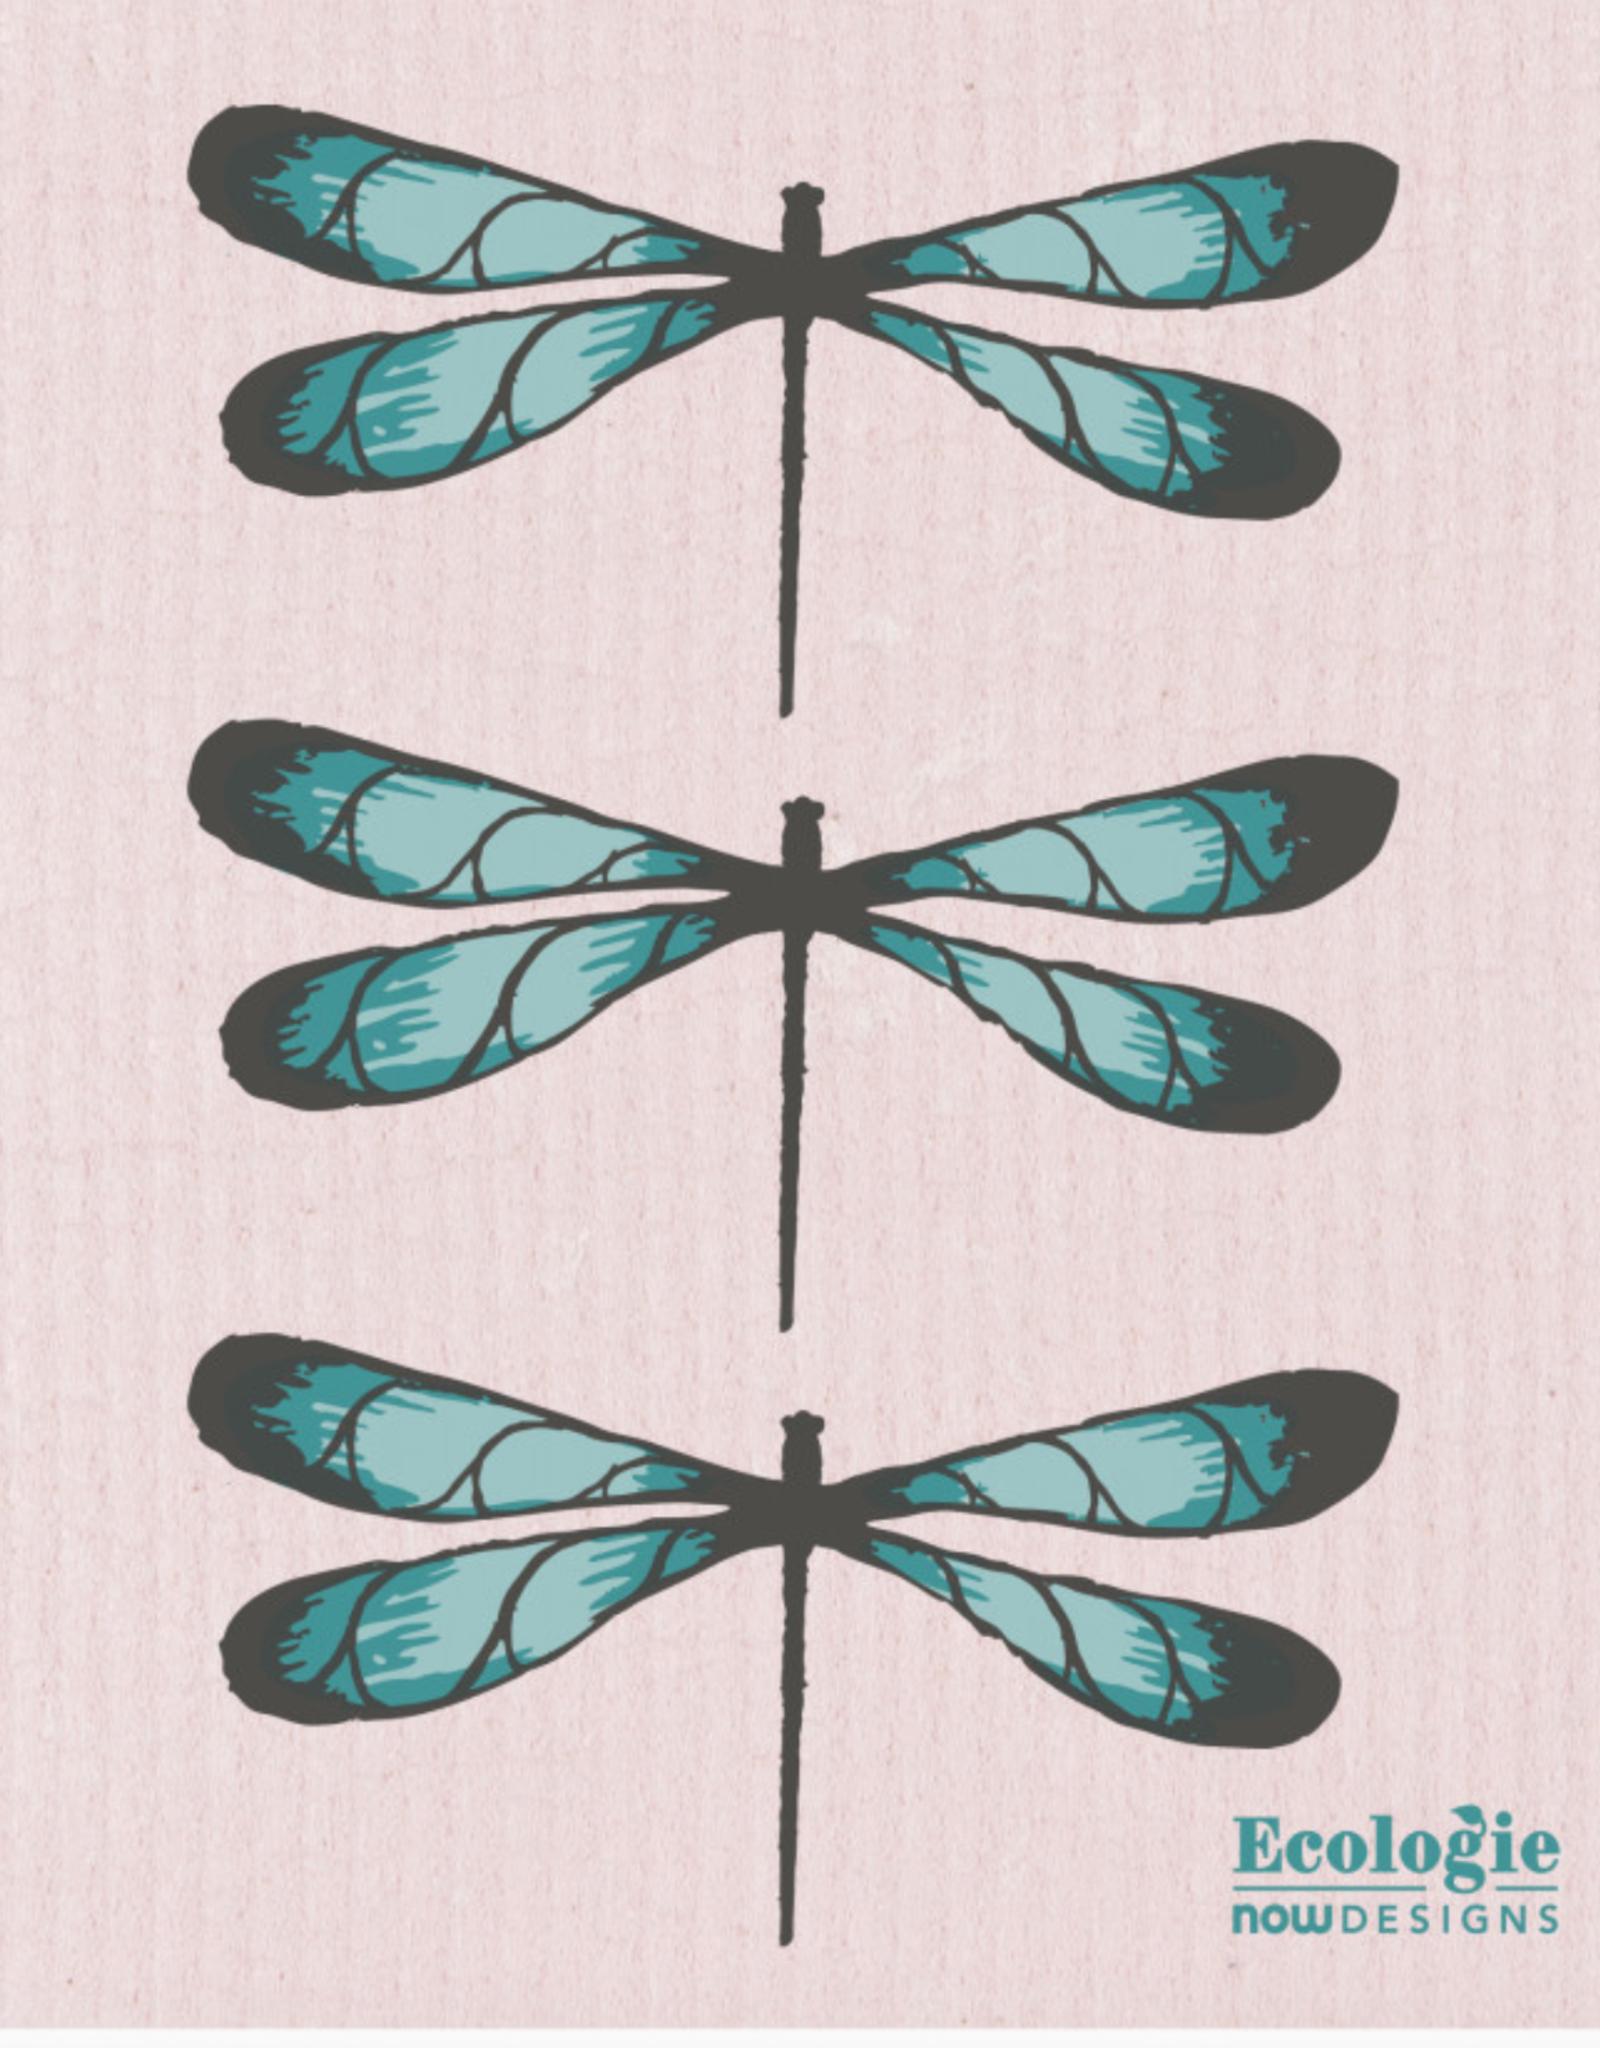 Danica Danica- Éco sponge libellule